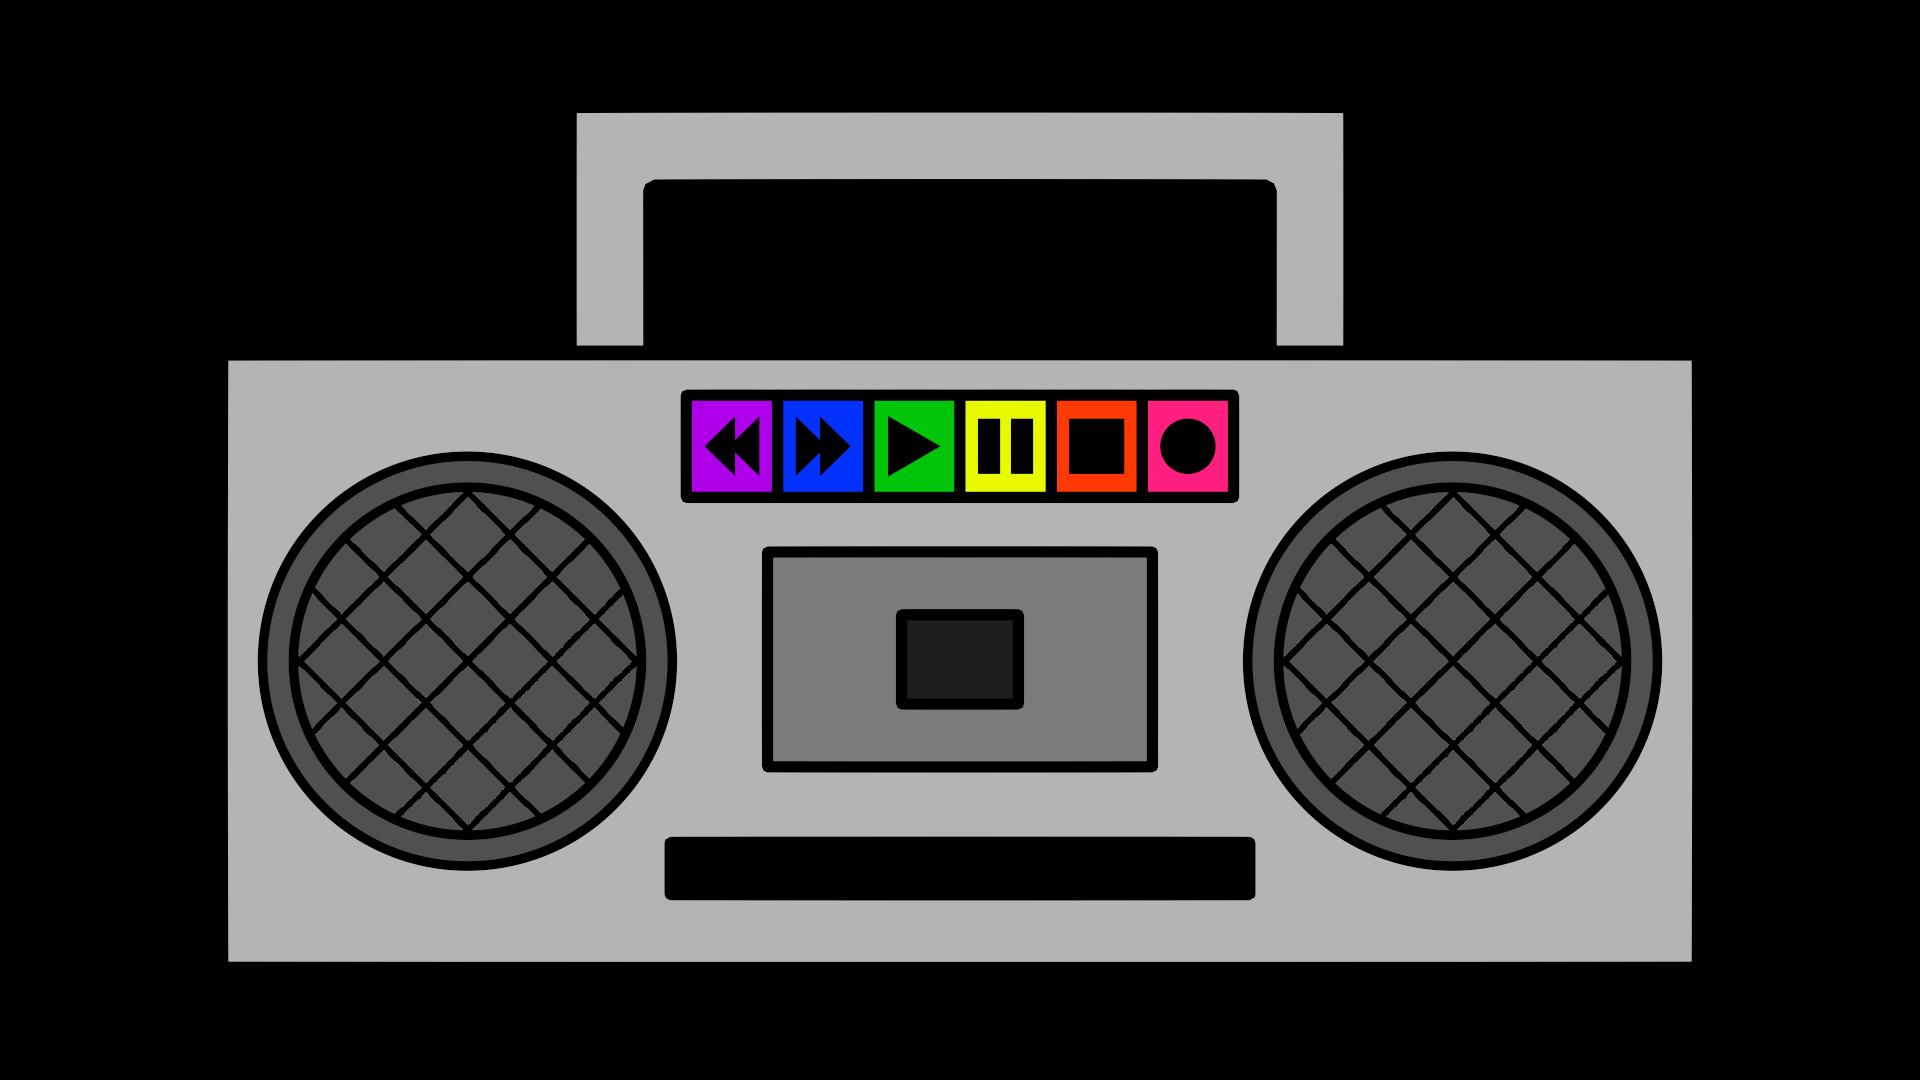 Radio PNG - 15296